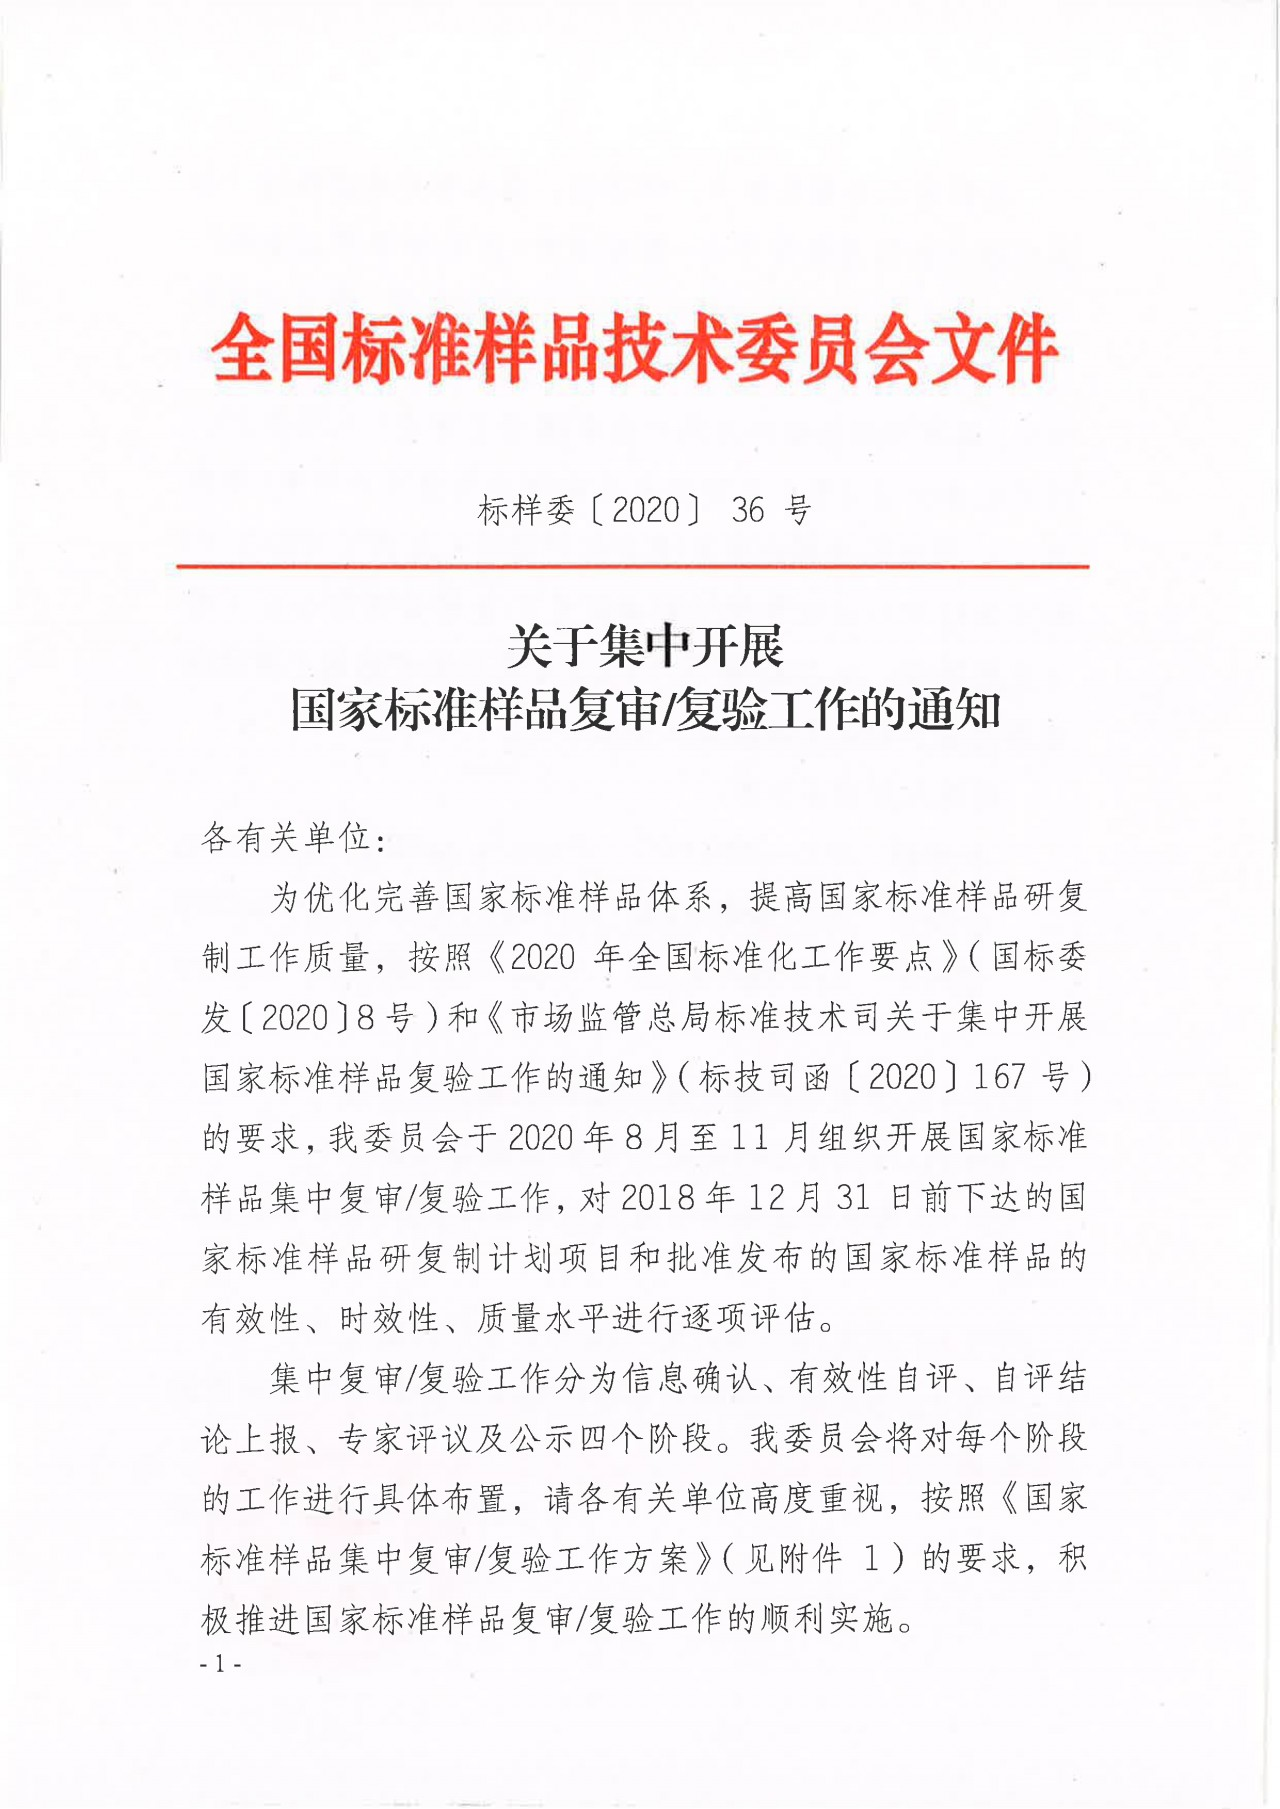 082713301975_0标样委2020-36关于集中开展国家标准样品复审复验工作的通知_1.Jpeg